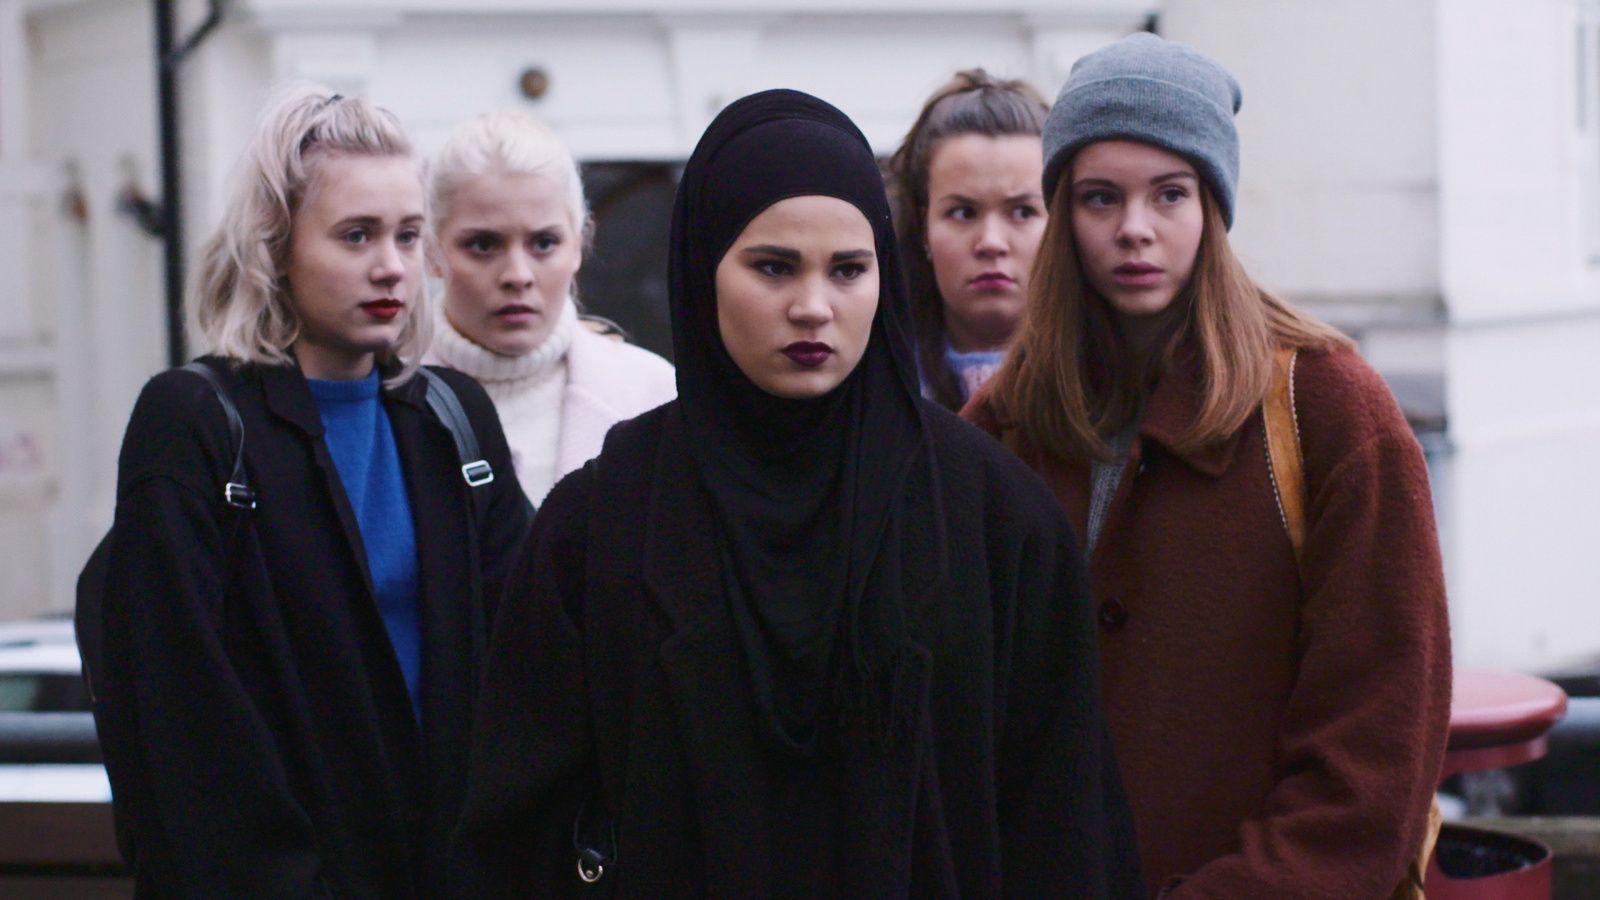 SKJEVT: – Den populære serien «Skam» skal vise et bilde av livet til millennials-generasjonen som nå går på videregående skole, men har ikke inkludert klipp som omhandler skolearbeid, valg av karriere eller jobbsøking, skriver Maha Kamran.